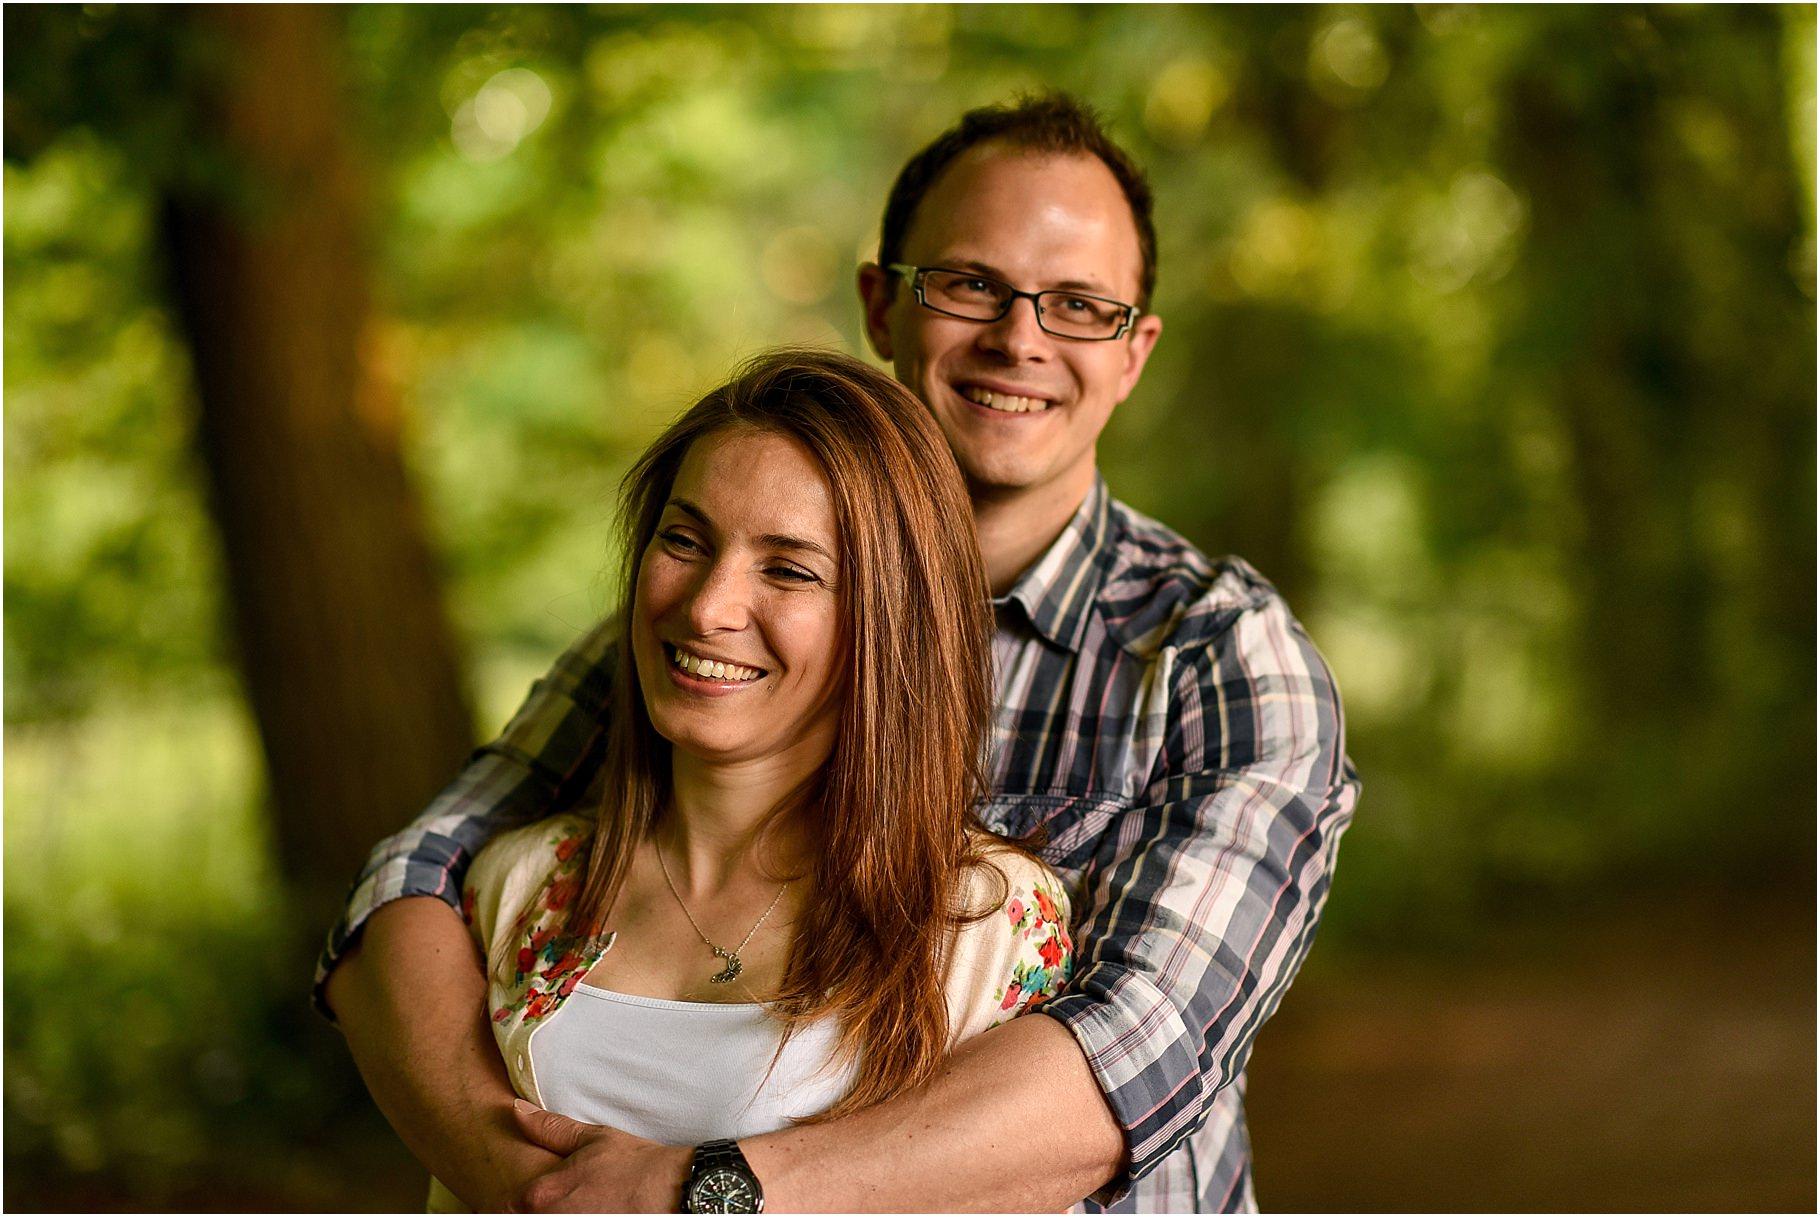 lytham-pre-wedding-shoot-21.jpg